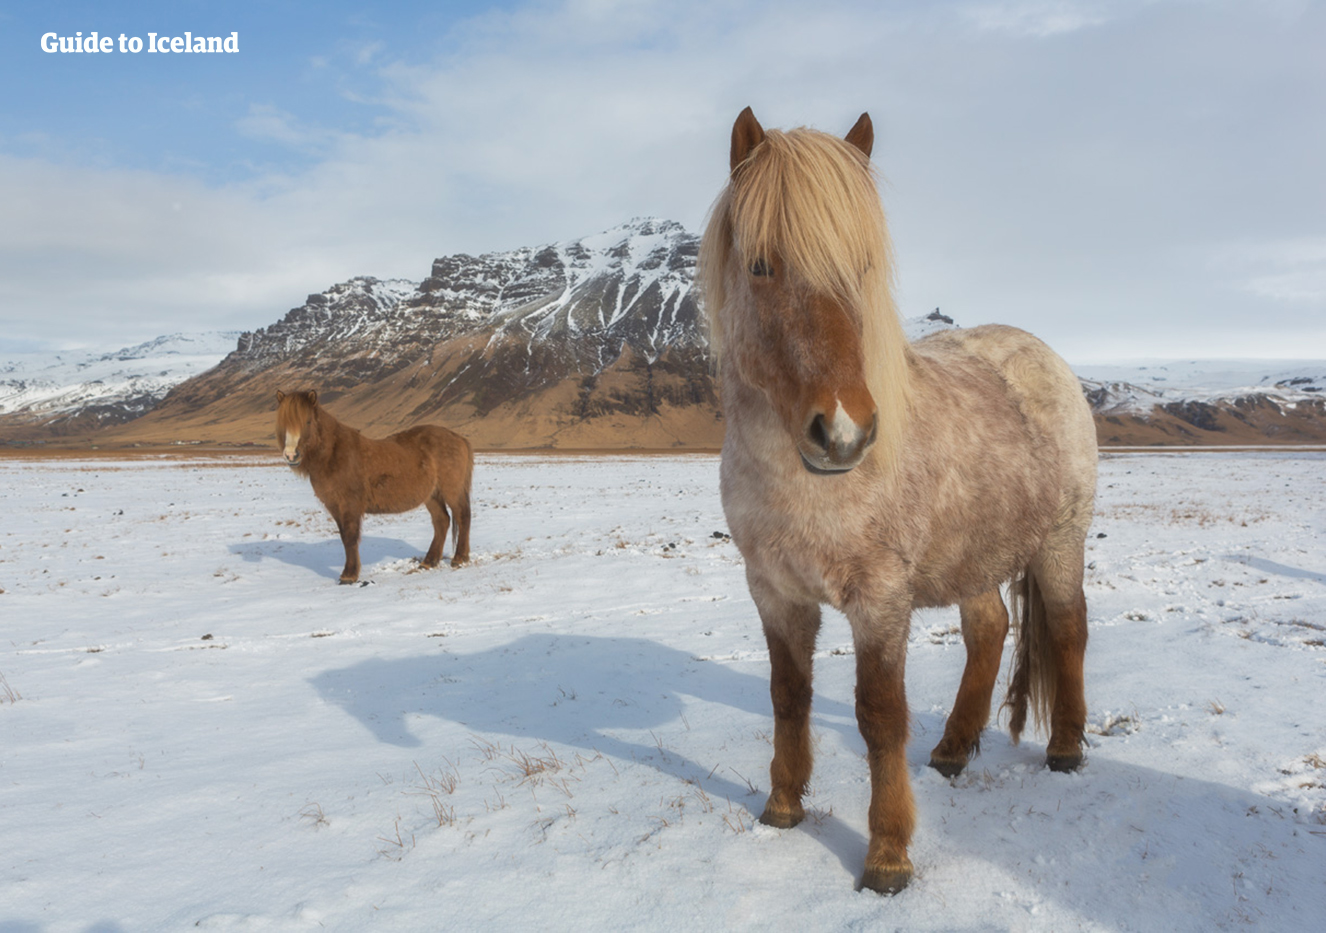 冬季雪景中的冰岛马